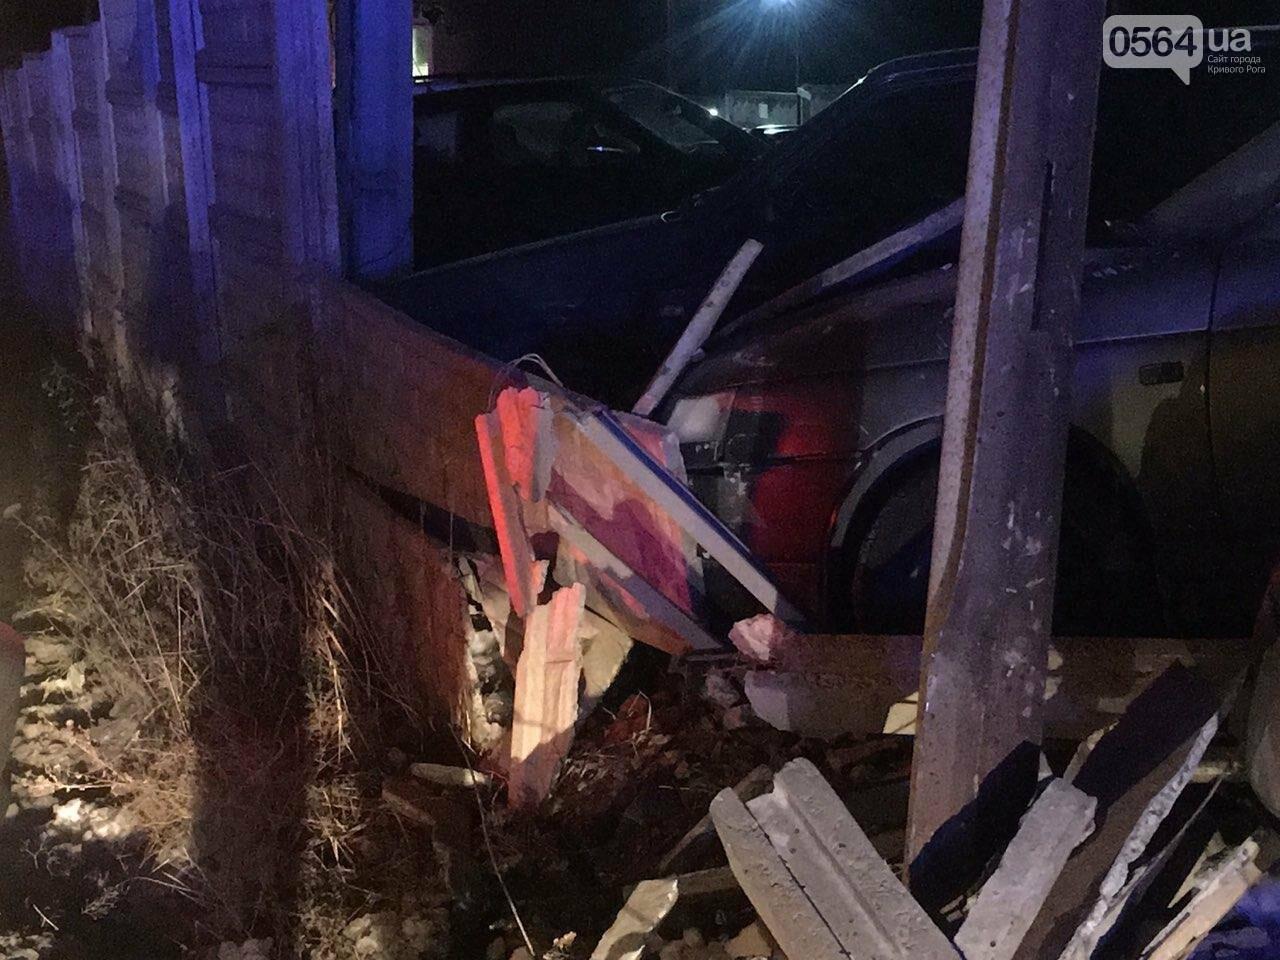 """В Кривом Роге """"BMW"""" снес забор стоянки: повреждено около 10 машин, есть пострадавший, - ФОТО , фото-16"""